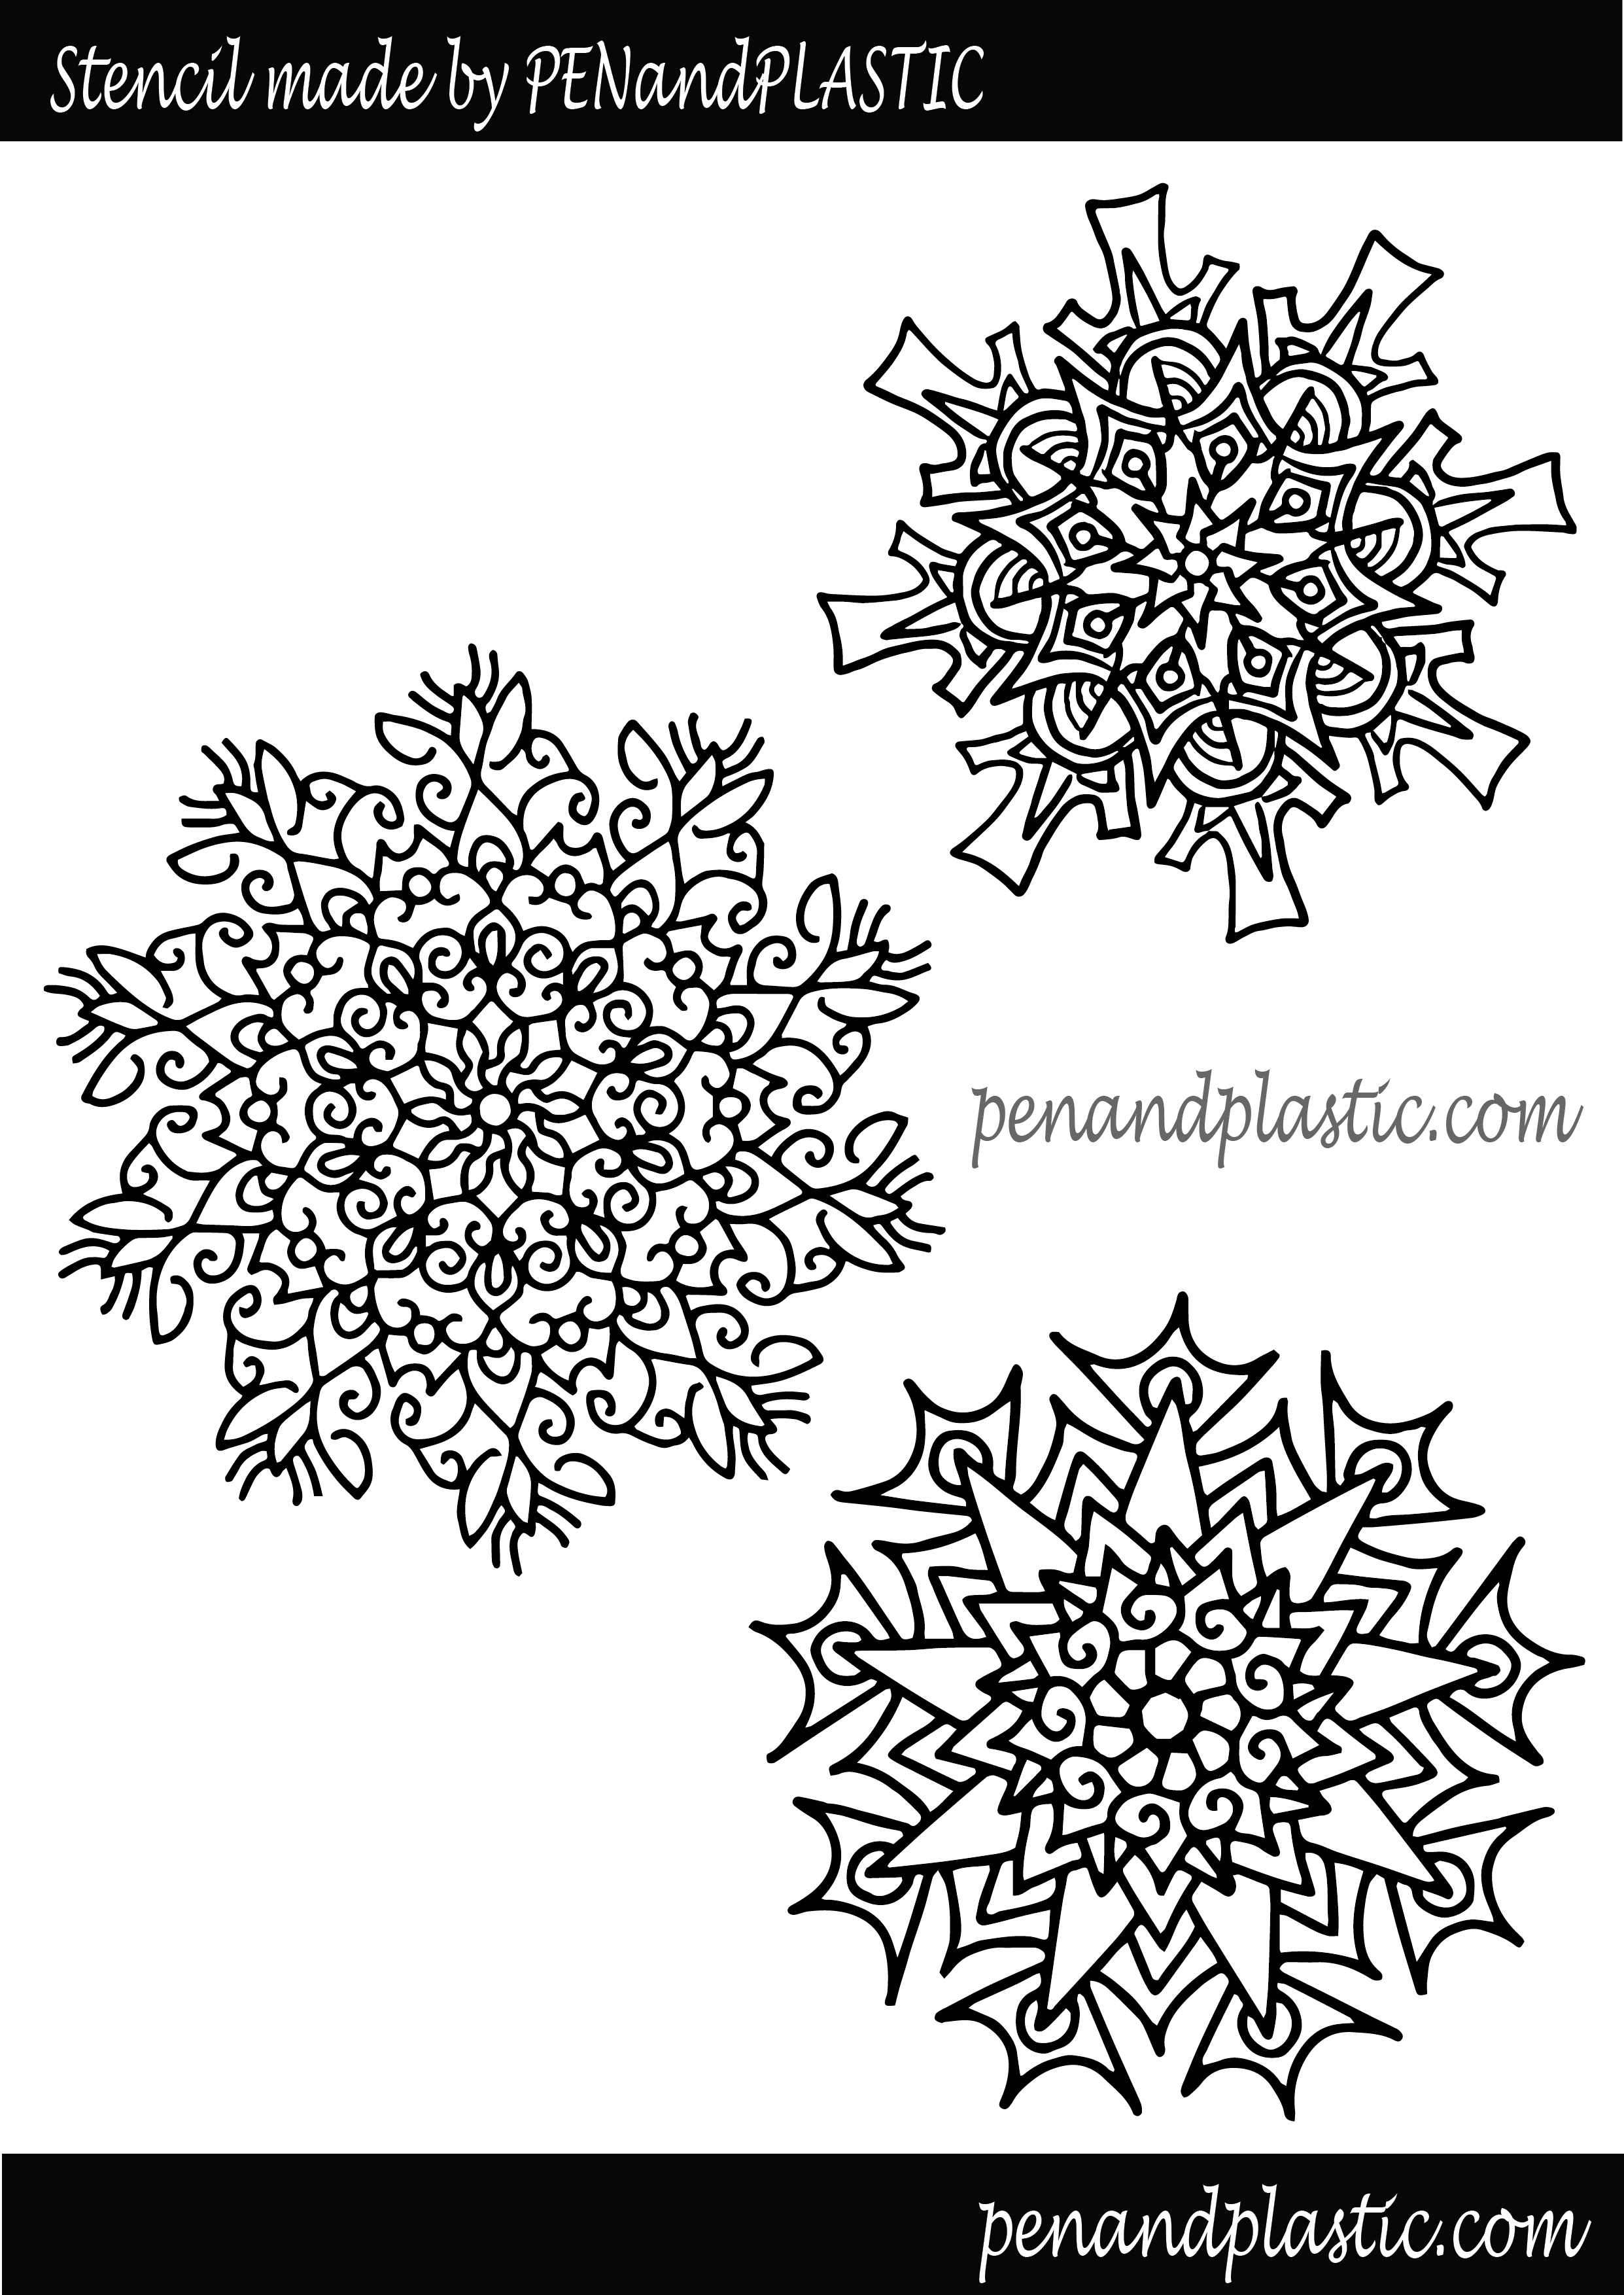 3d pen snowflake template  snowflake stencil | 6d pen stencils, 6d drawing pen, Pen art